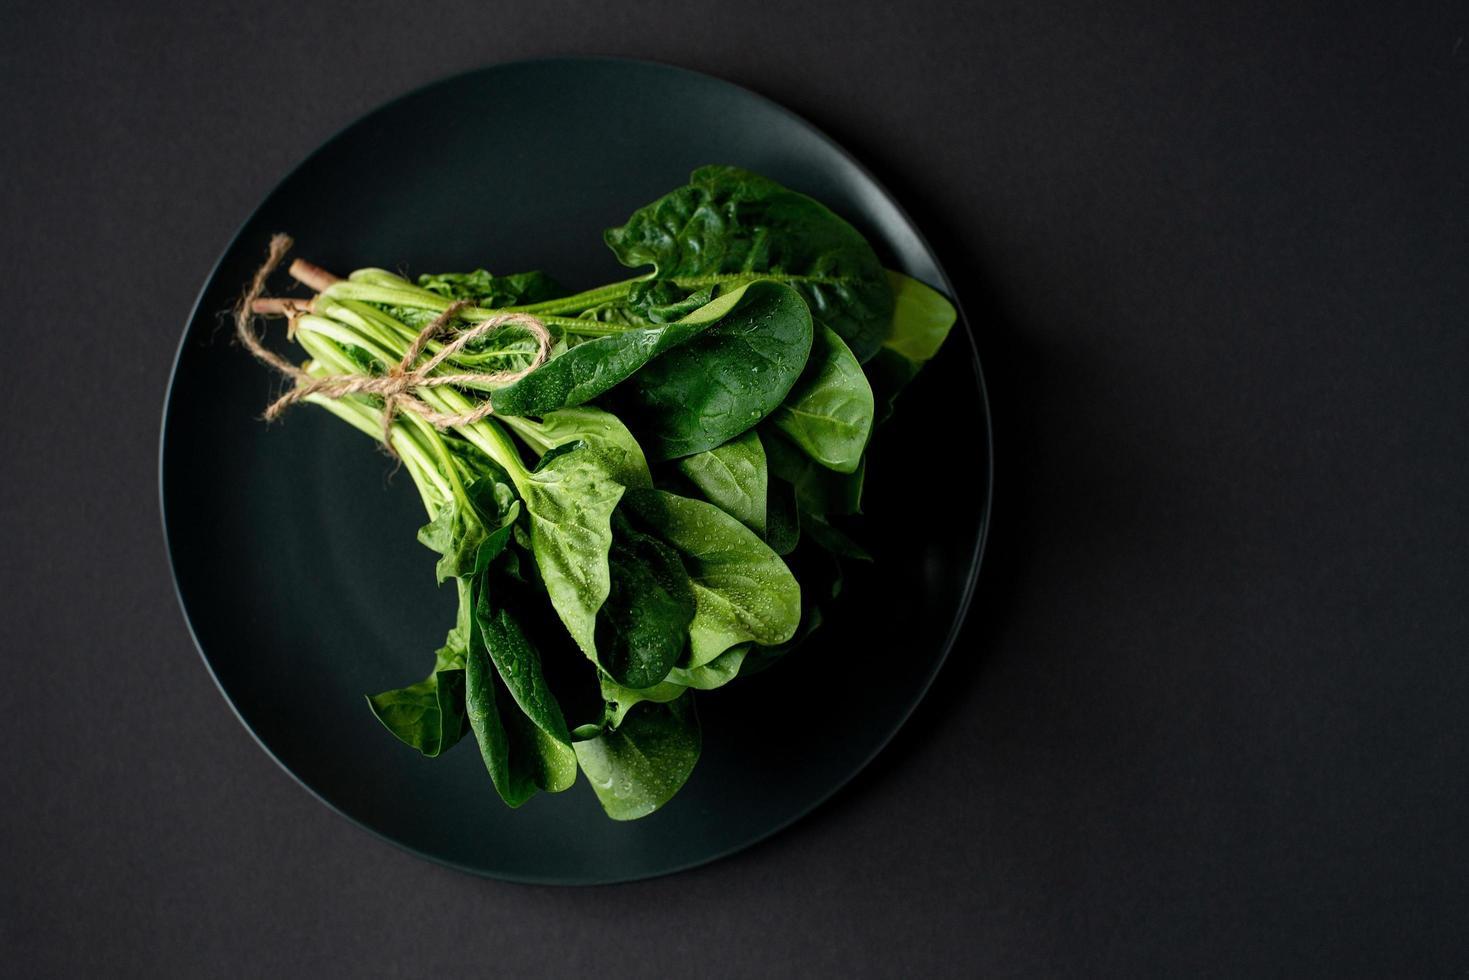 ren mat koncept. gäng löv av färska ekologiska spenatgröna i en tallrik på en svart bakgrund. hälsosam detox vår-sommar kost. vegansk rå mat. kopiera utrymme. foto